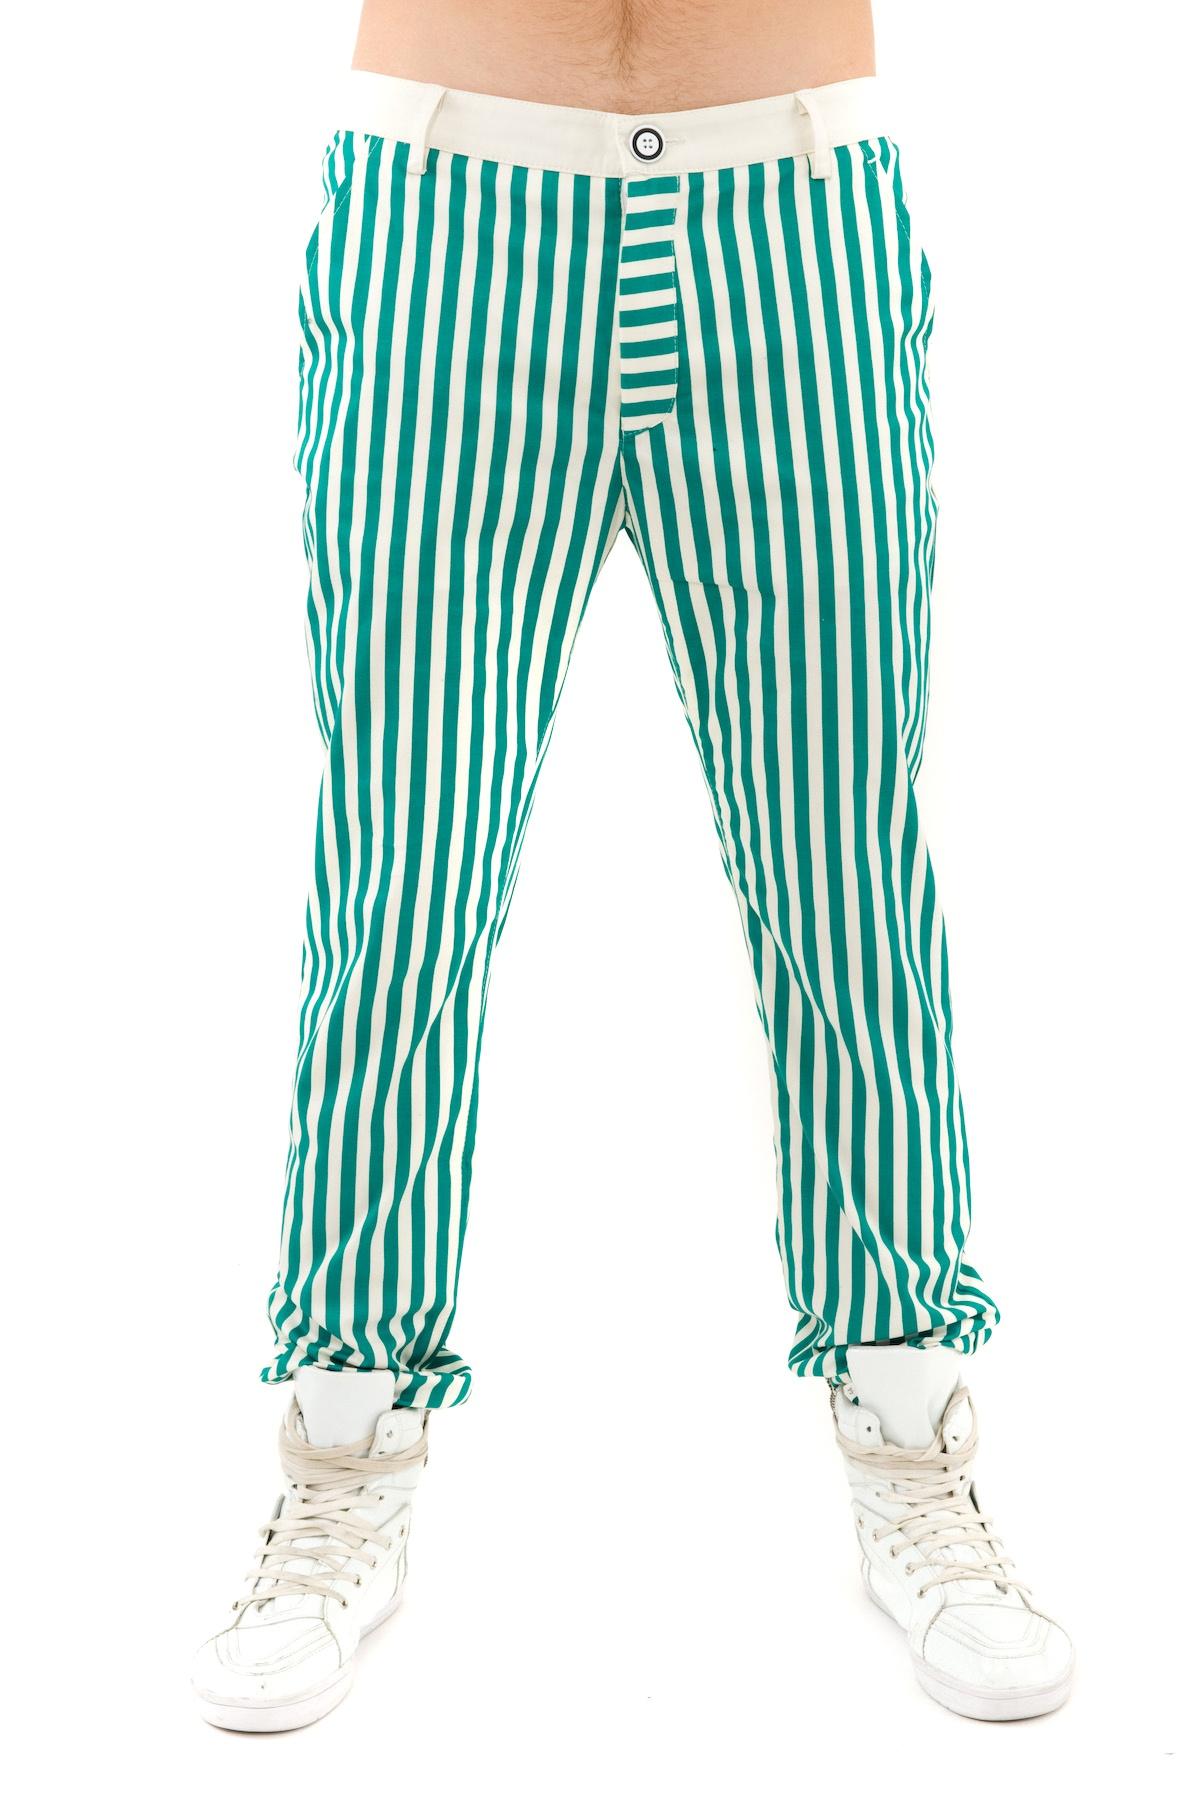 БрюкиБрюки, джинсы, шорты от производителя<br>Мужские брюки. Из коллекции весна-лето Морская прогулка дизайнера Павла Ерокина.<br><br>Цвет: молочный,зеленый<br>Состав: 97% хлопок, 3% лайкра<br>Размер: 28,29,30,31,32,34<br>Страна дизайна: Россия<br>Страна производства: Россия